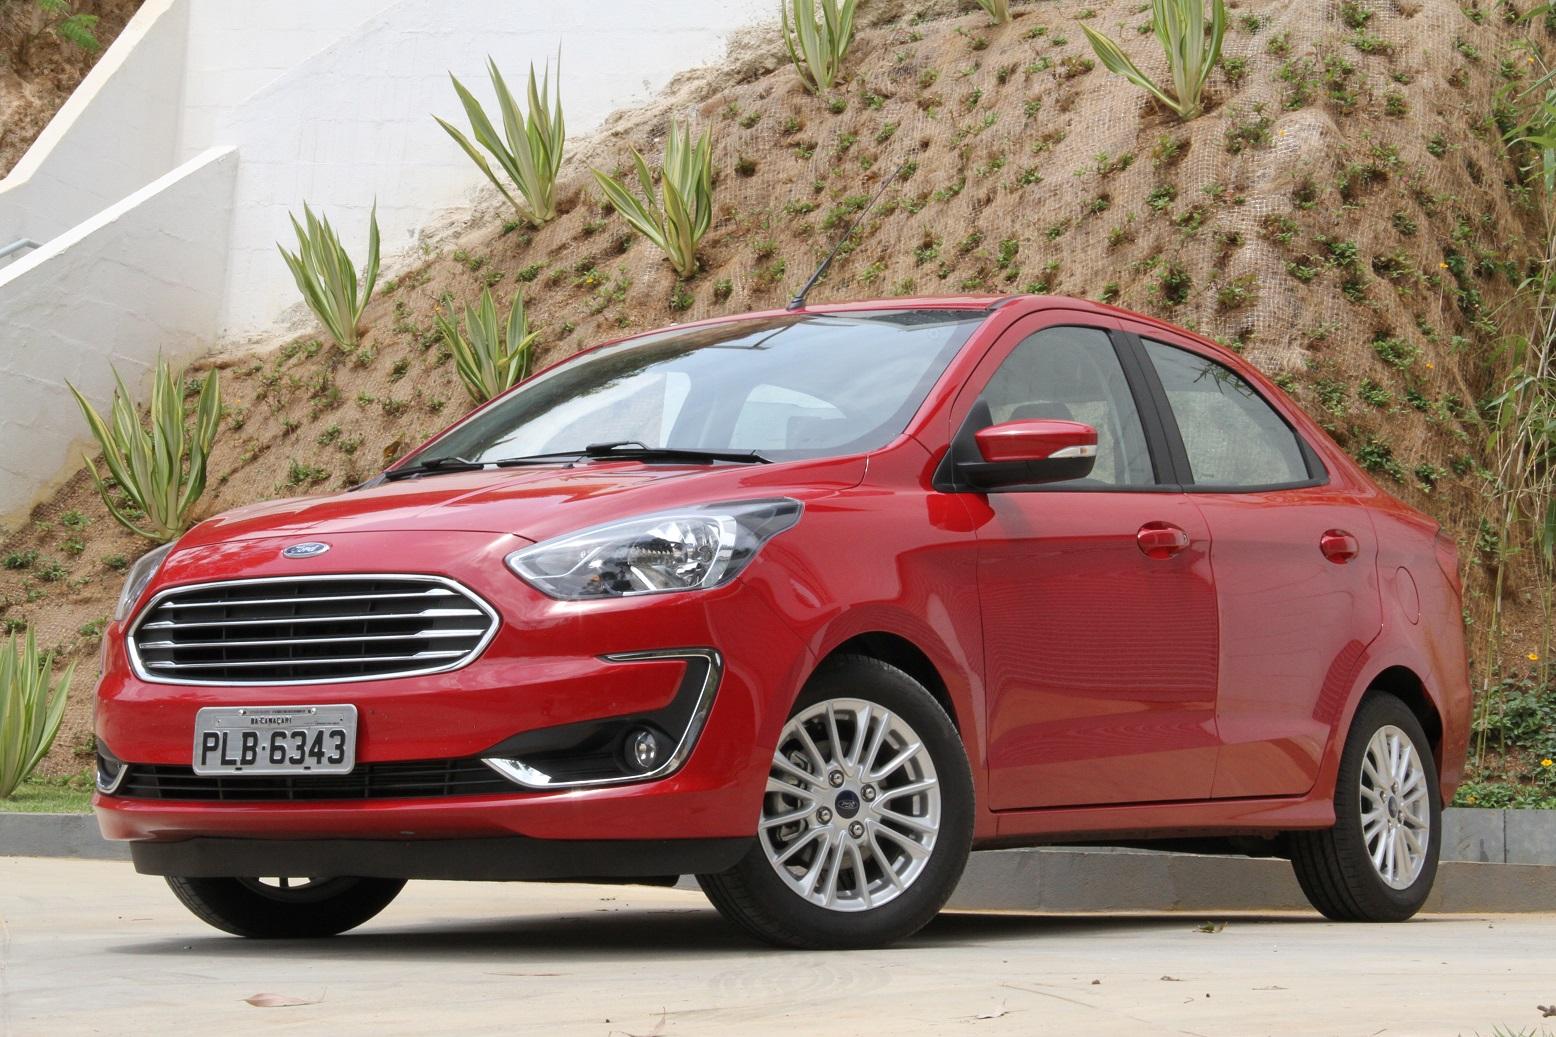 A Ford anunciou recall das unidades hatch e sedã do Ka 2019. Falha na armação do volante pode comprometer o funcionamento do airbag do modelo.